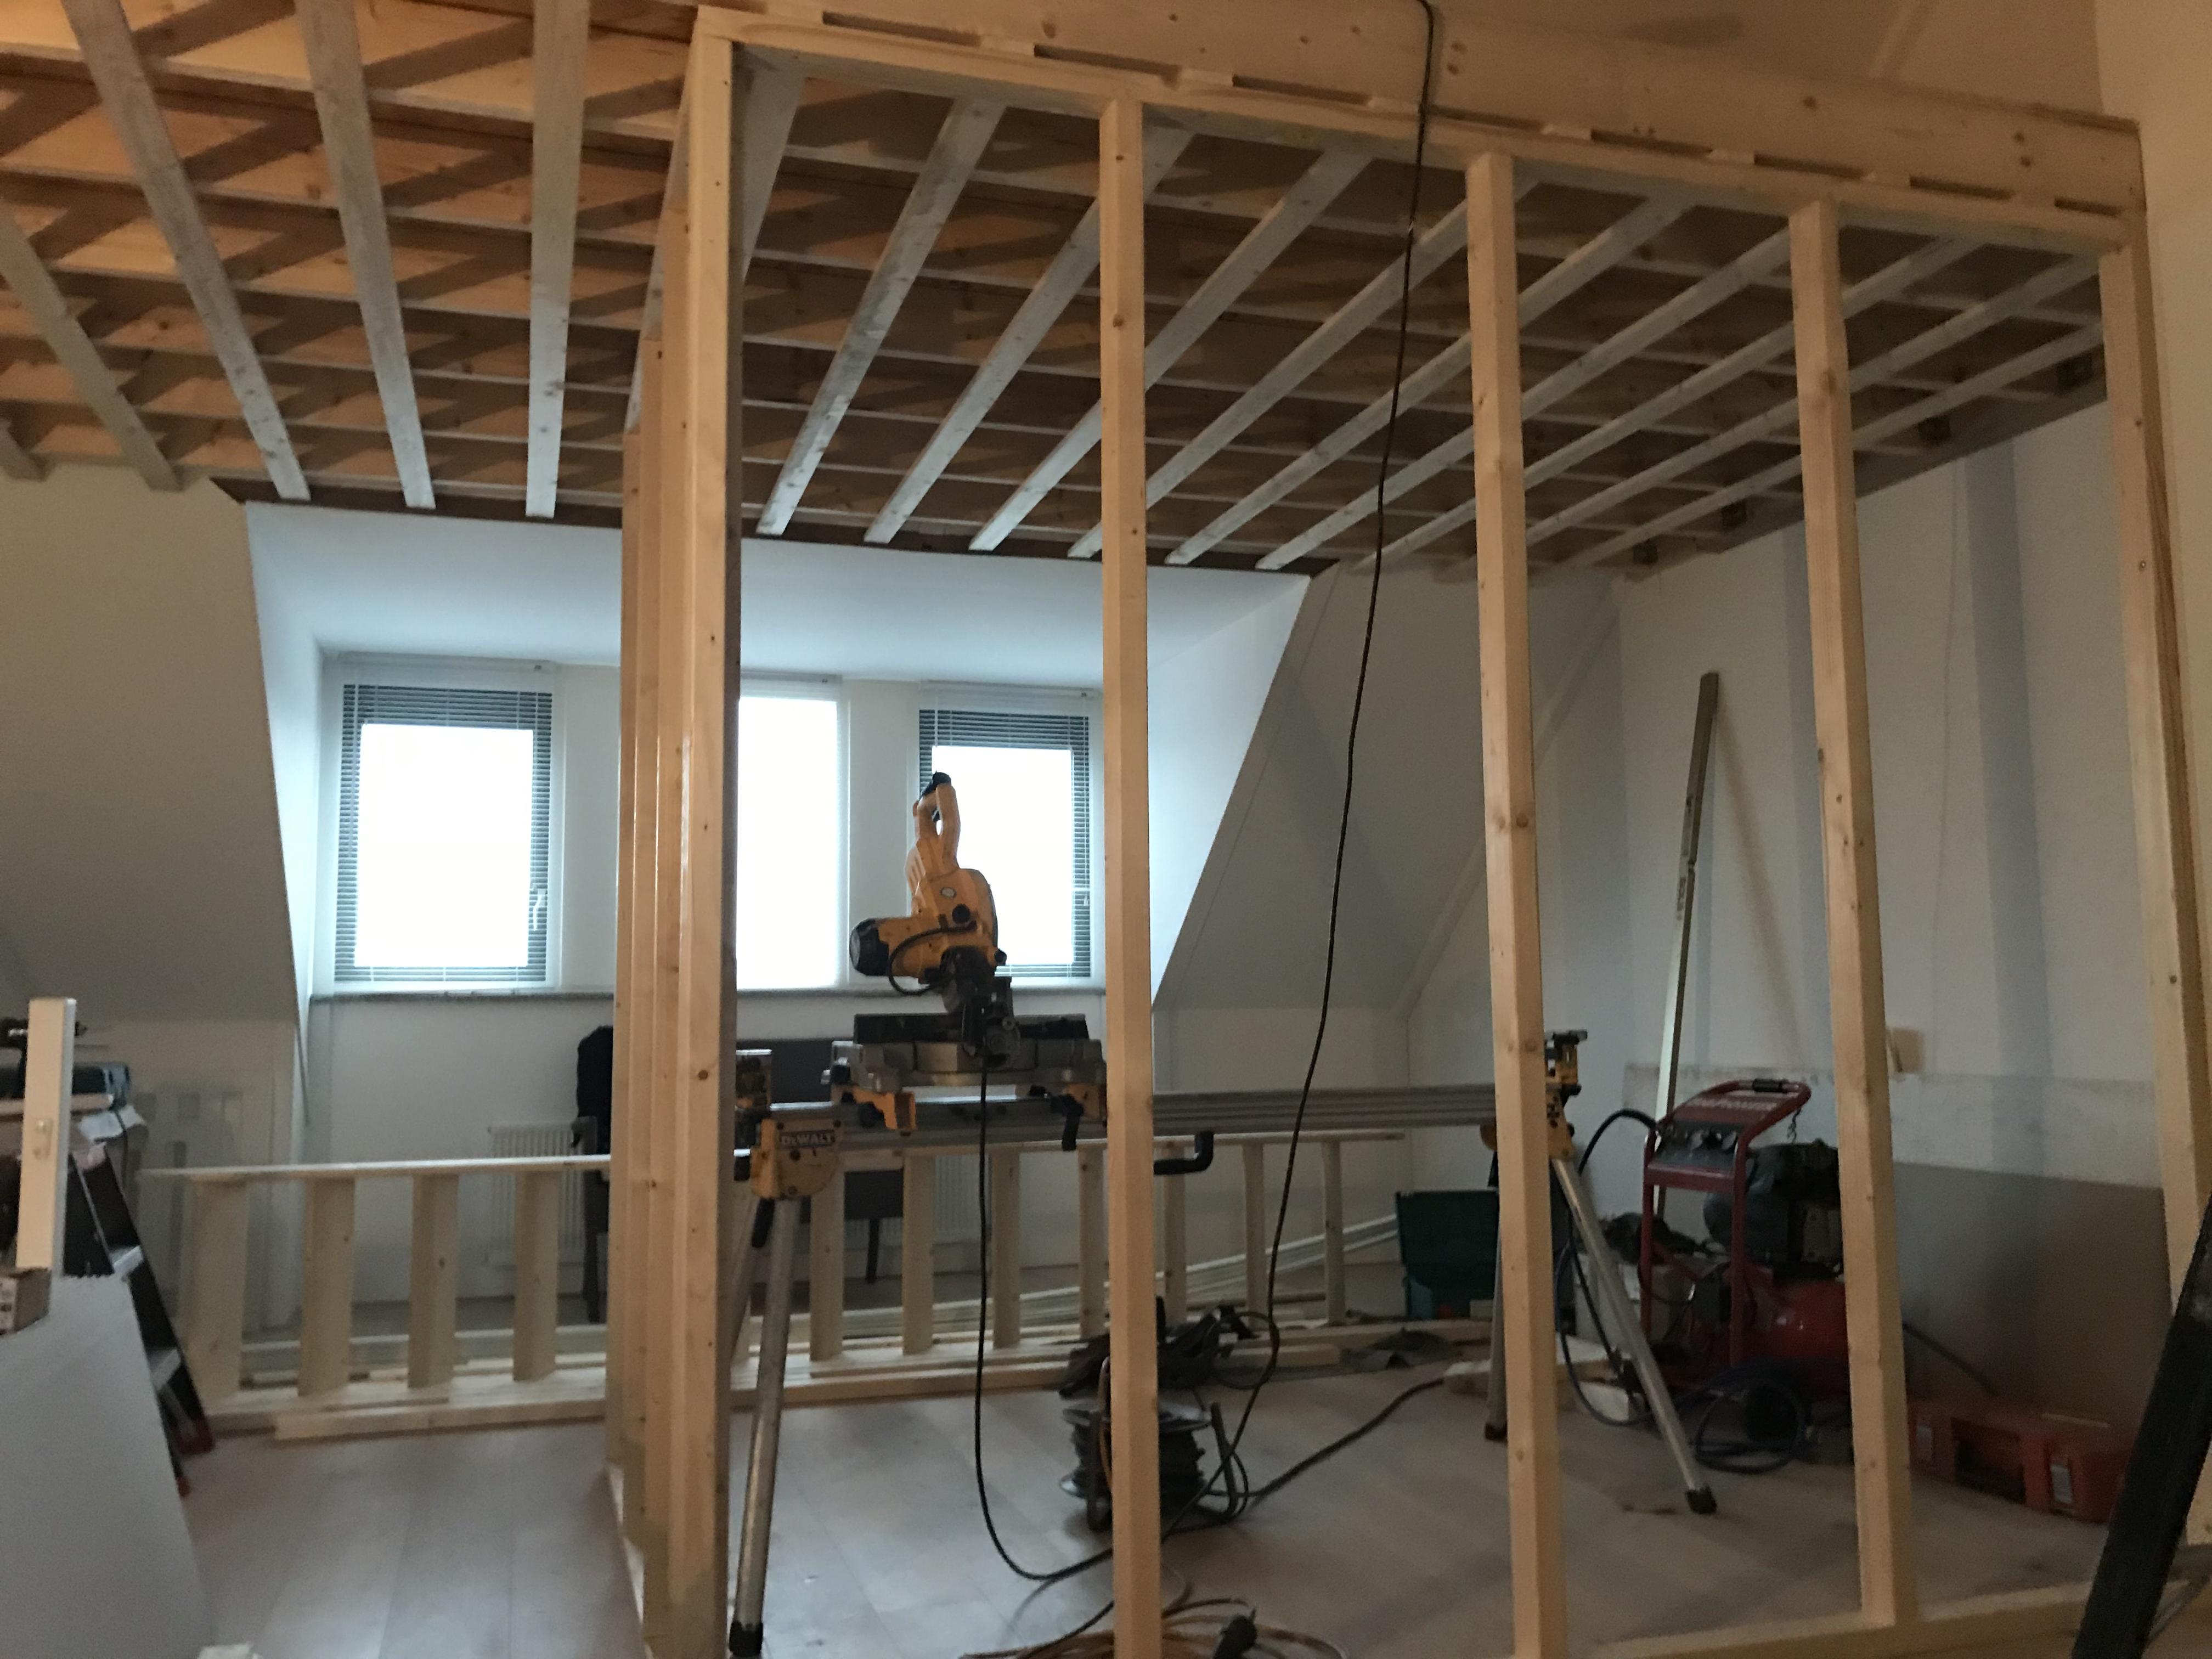 Plaatsen van een vliering op zolder in vlaardingen for Vlizotrap plaatsen